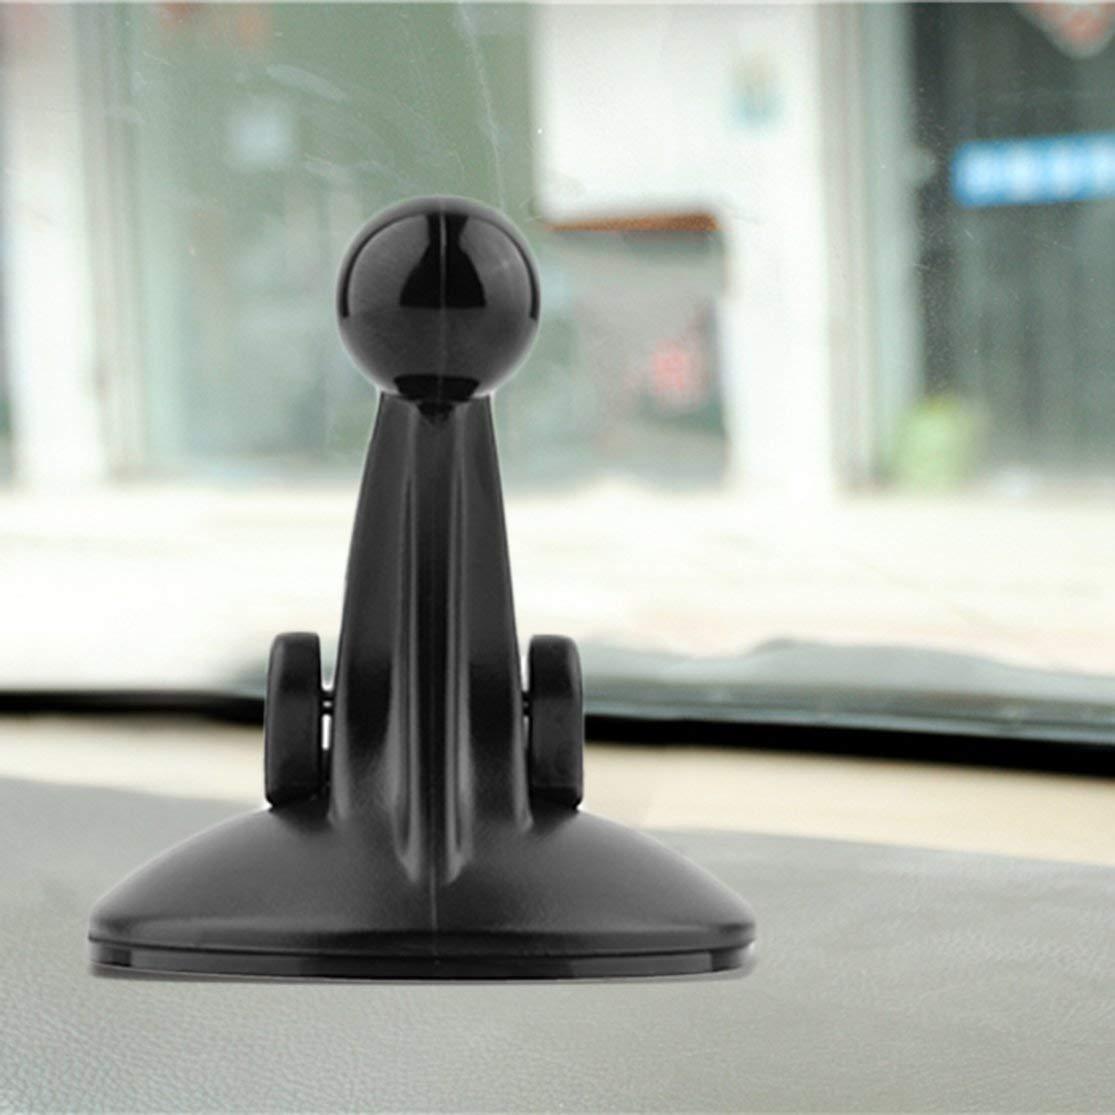 62mm Windschutzscheibe Windschutzscheibe Auto Saugnapf Halterung St/änder Halter F/ür Garmin Nuvi GPS LouiseEvel215 Schwarz 55